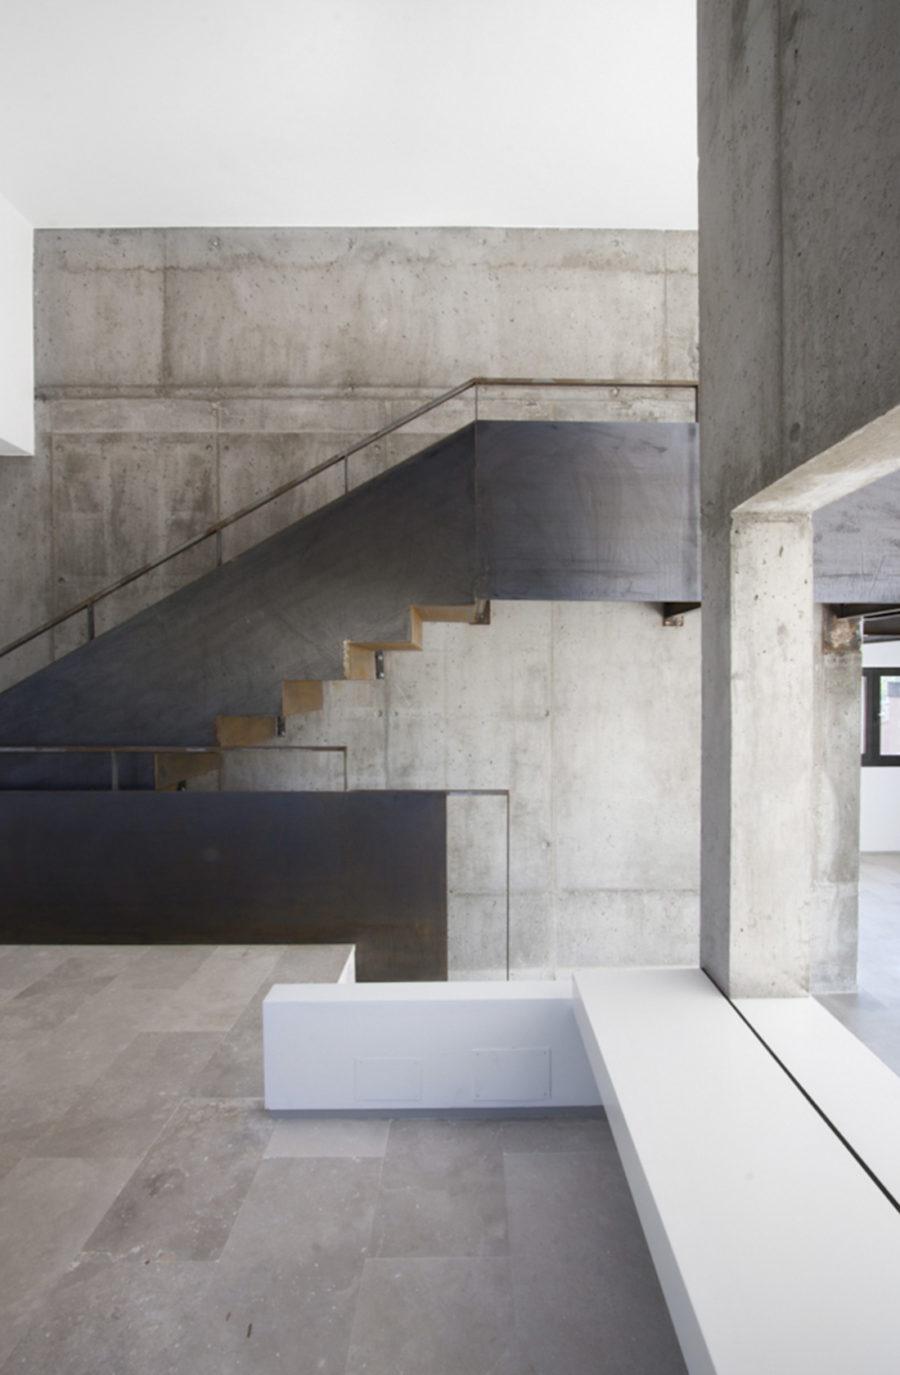 Promocion viviendas aravaca escalera 2